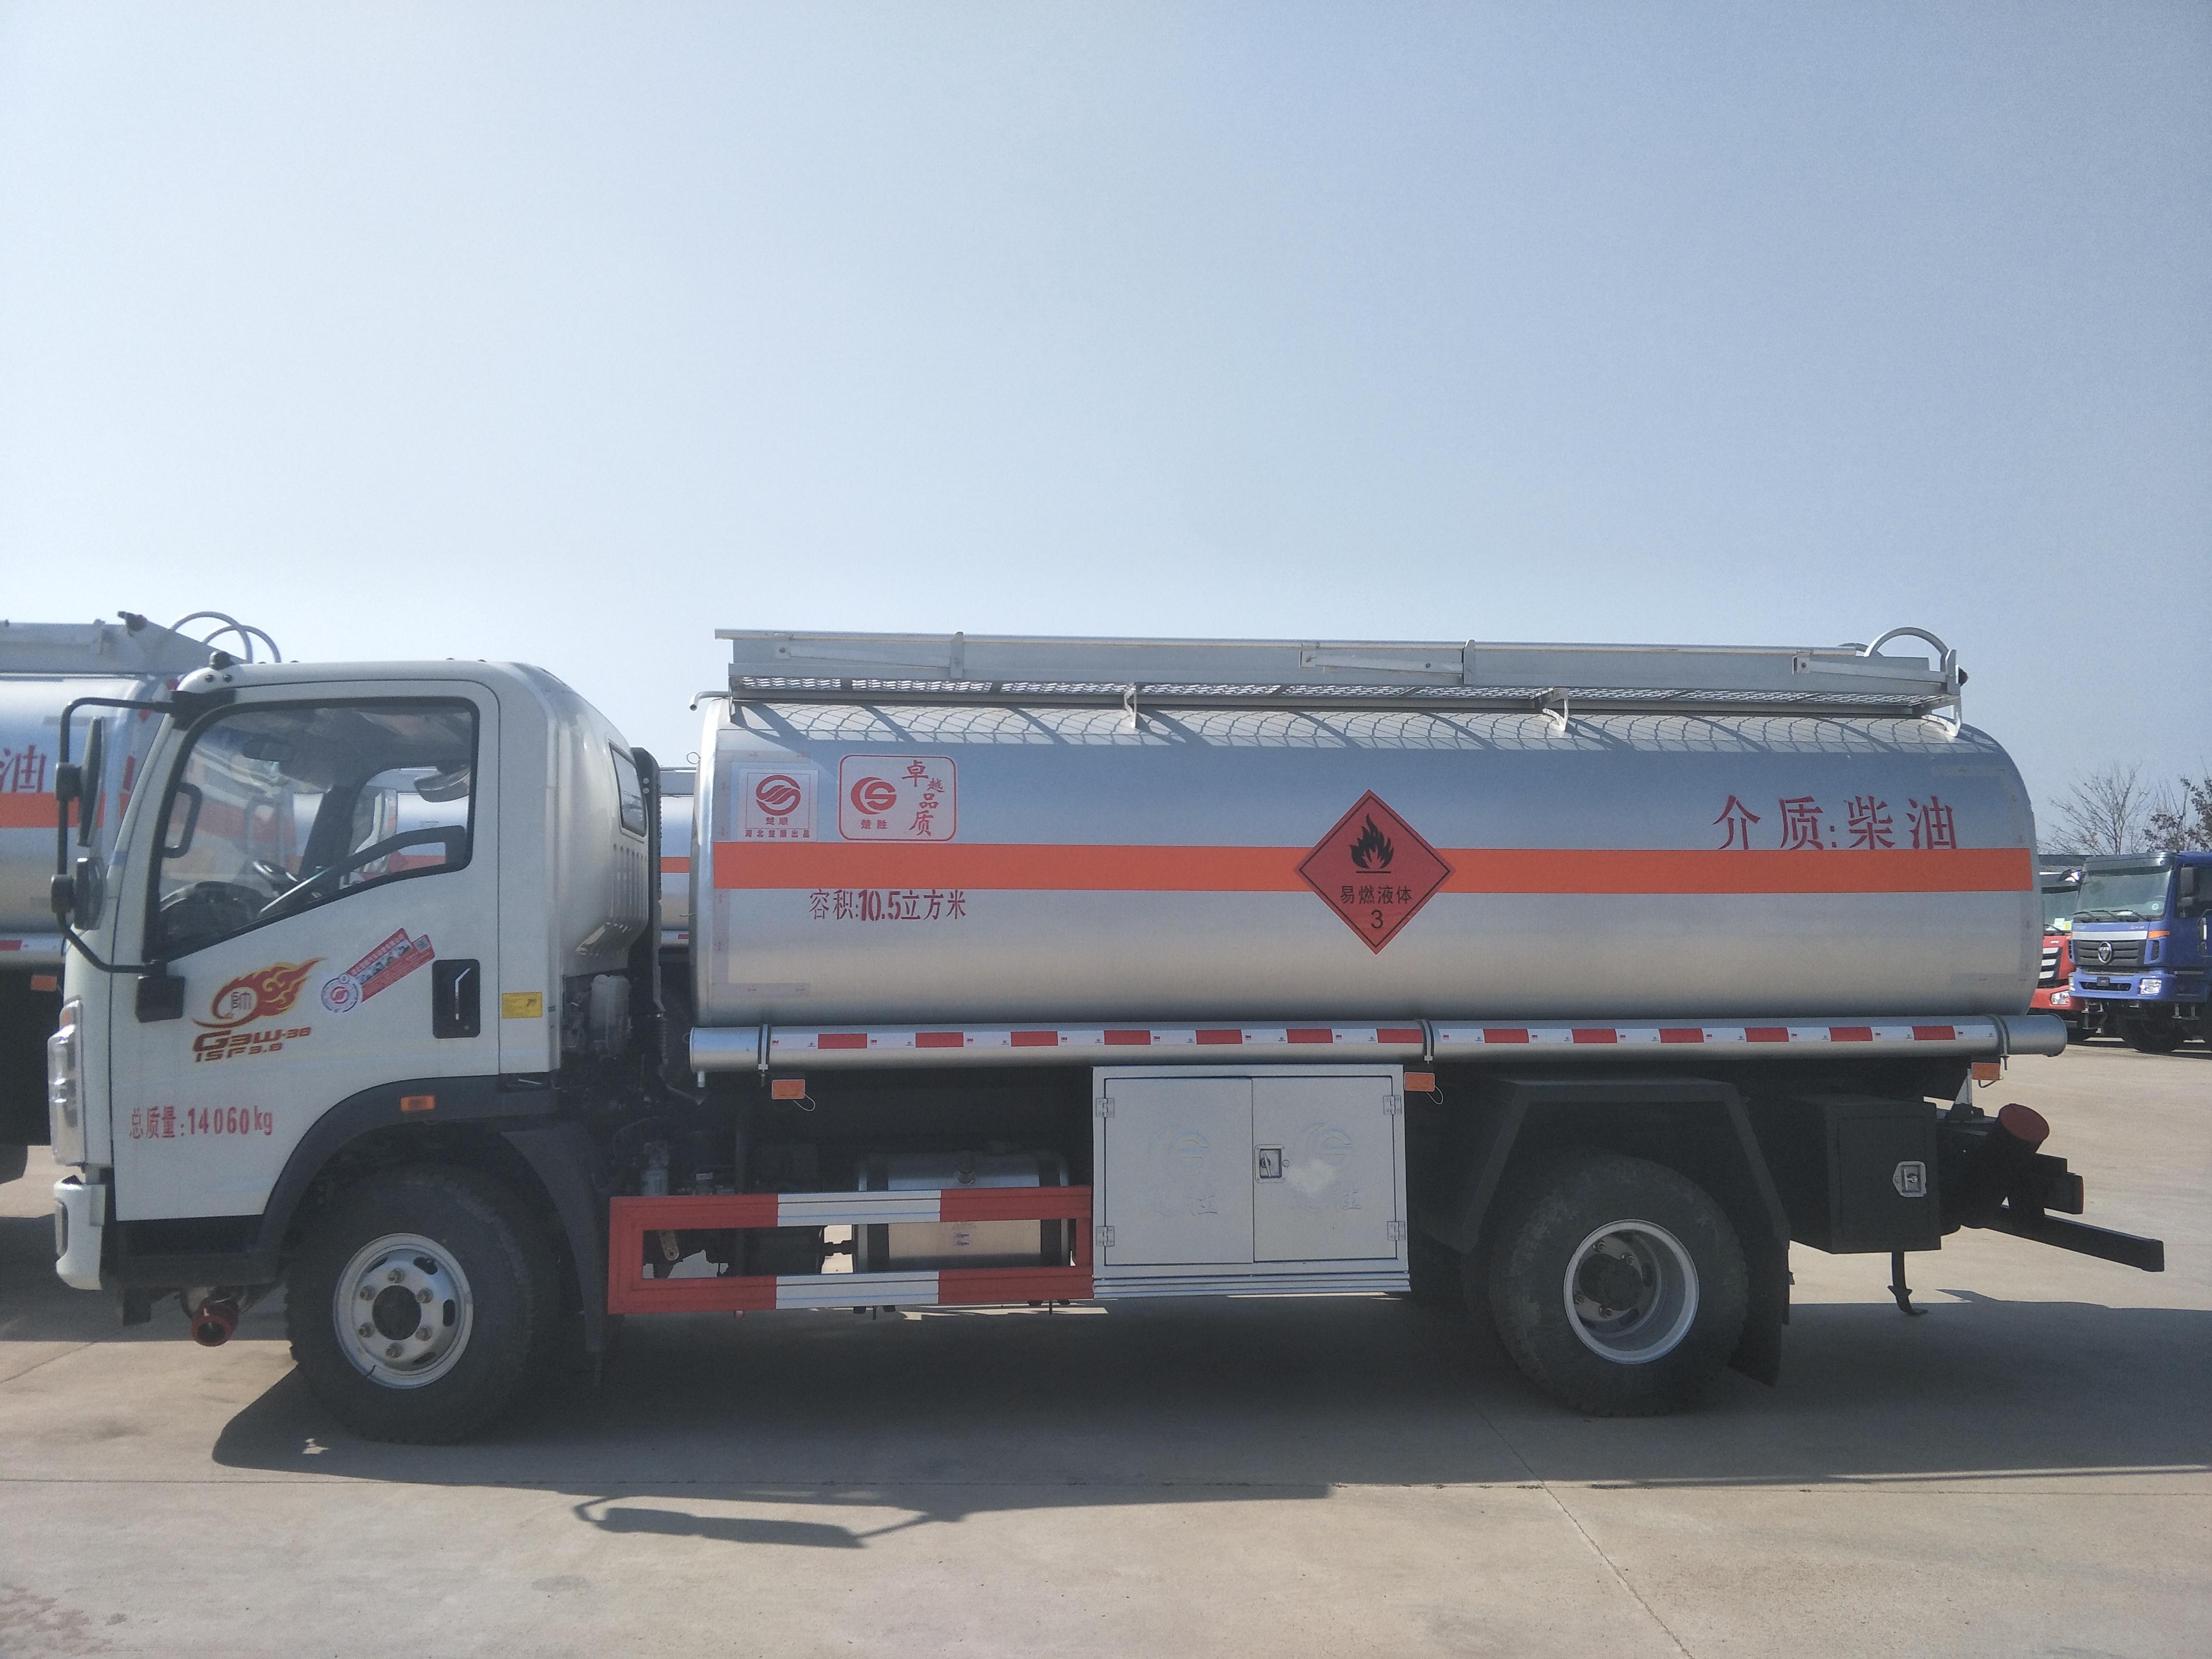 豪沃滿載10噸油罐車廠家直銷 包上戶 可分期圖片